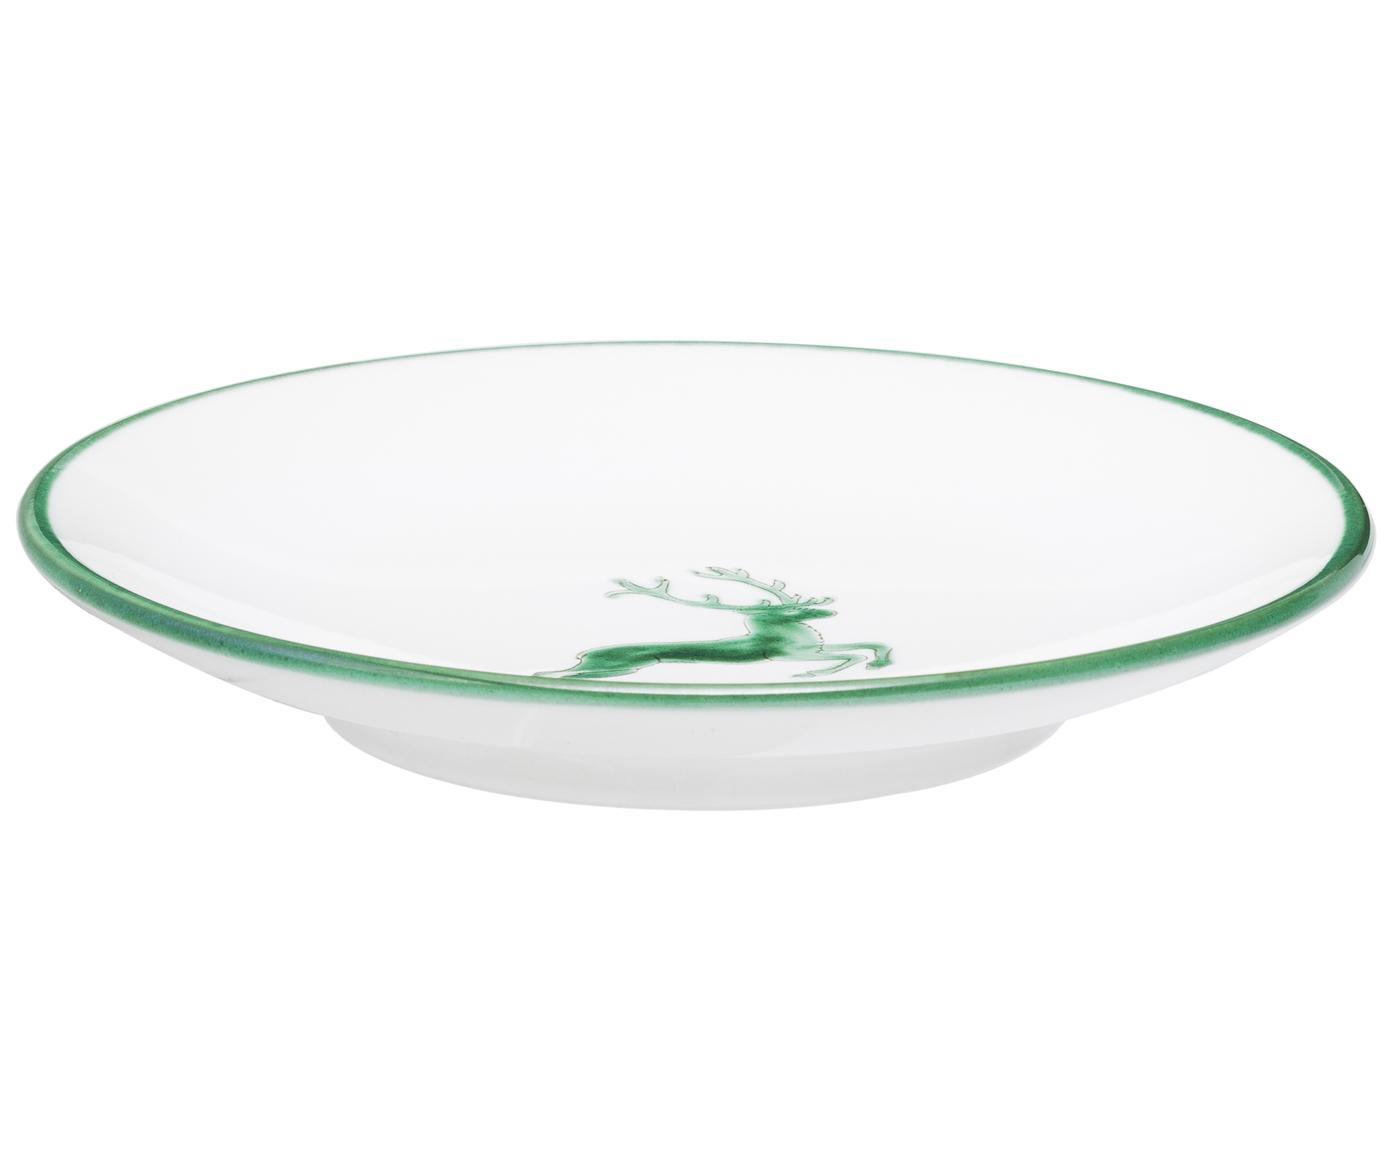 Ręcznie malowany spodek pod filiżankę Classic Grüner Hirsch, Ceramika, Zielony, biały, Ø 15 cm